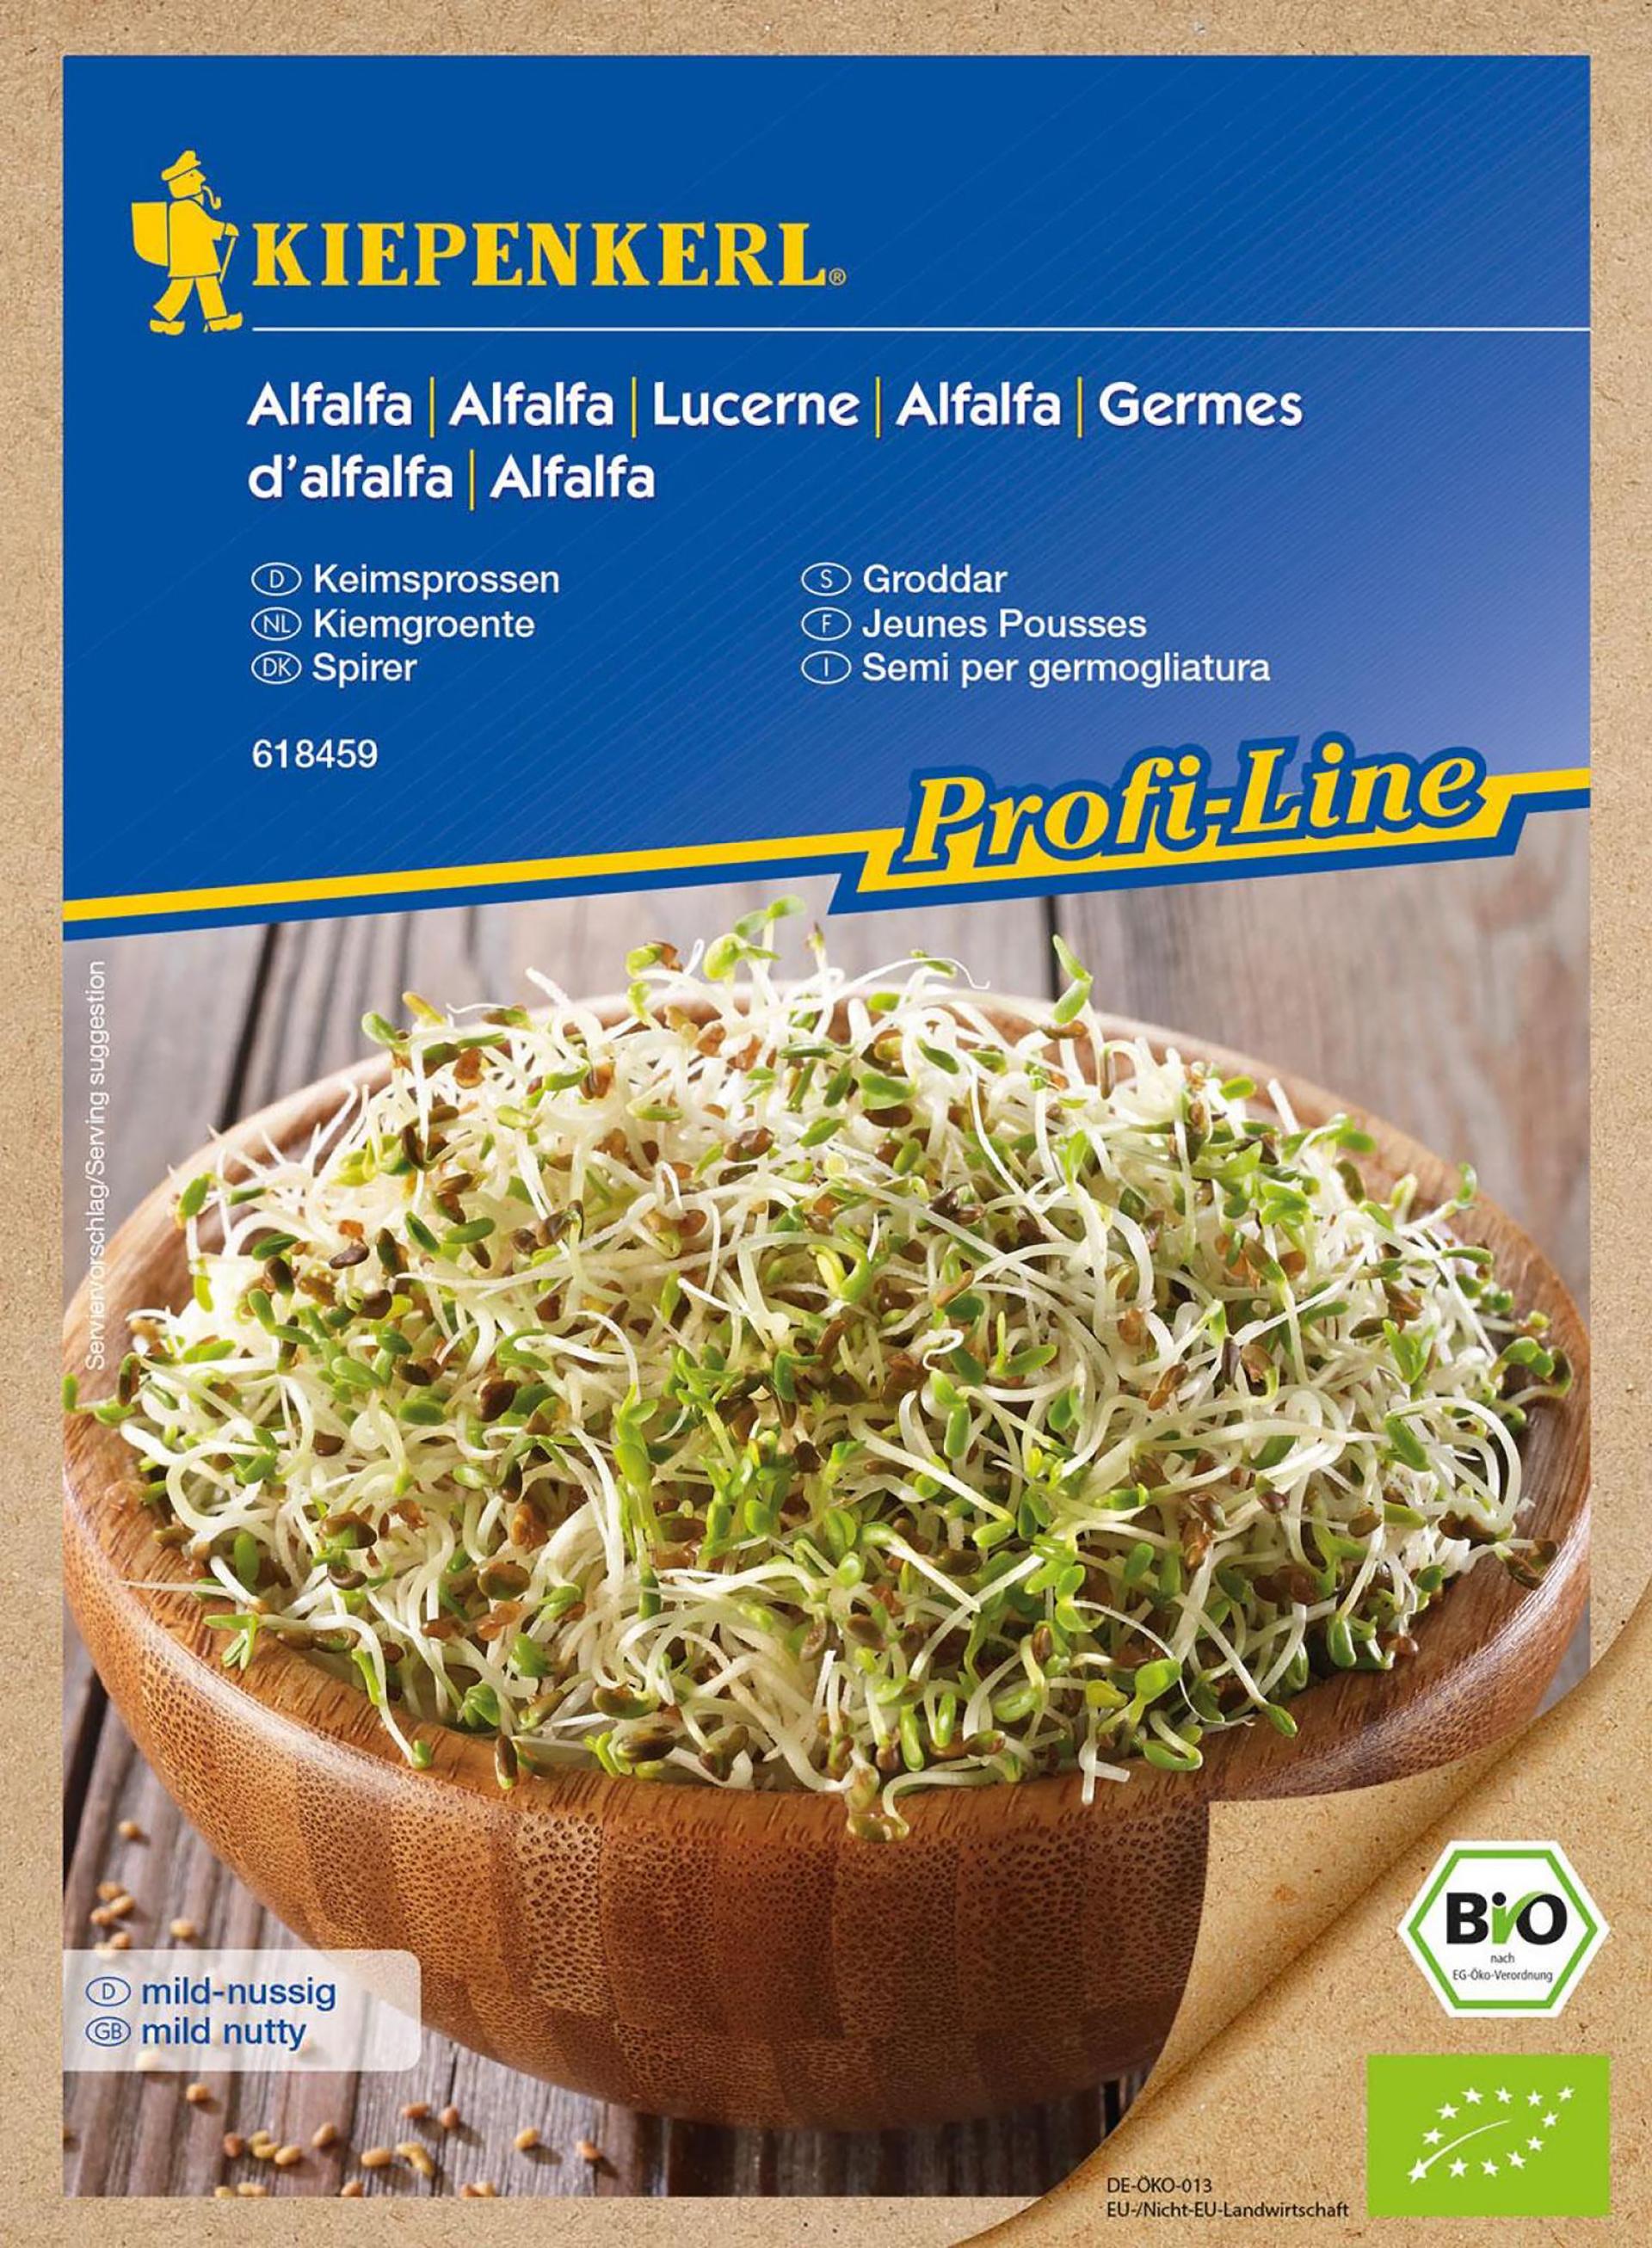 BIO-Keimsprossen Alfalfa PG-K